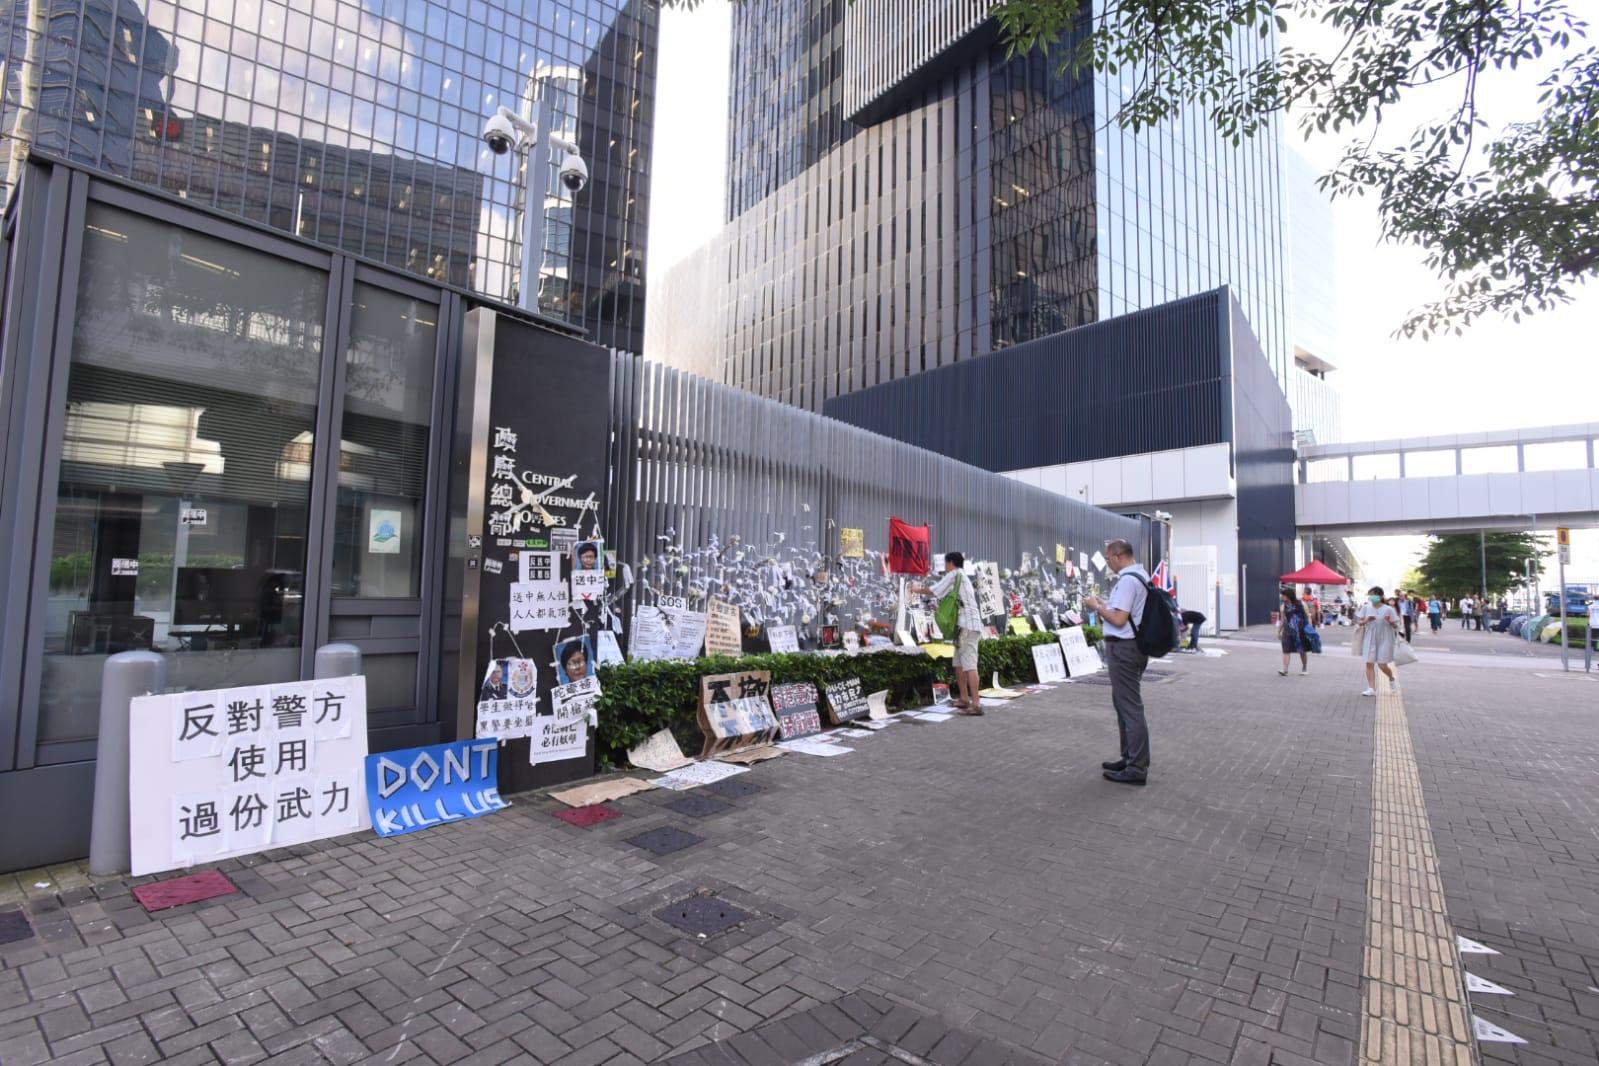 今日政府總部外有人放置抗議標語。